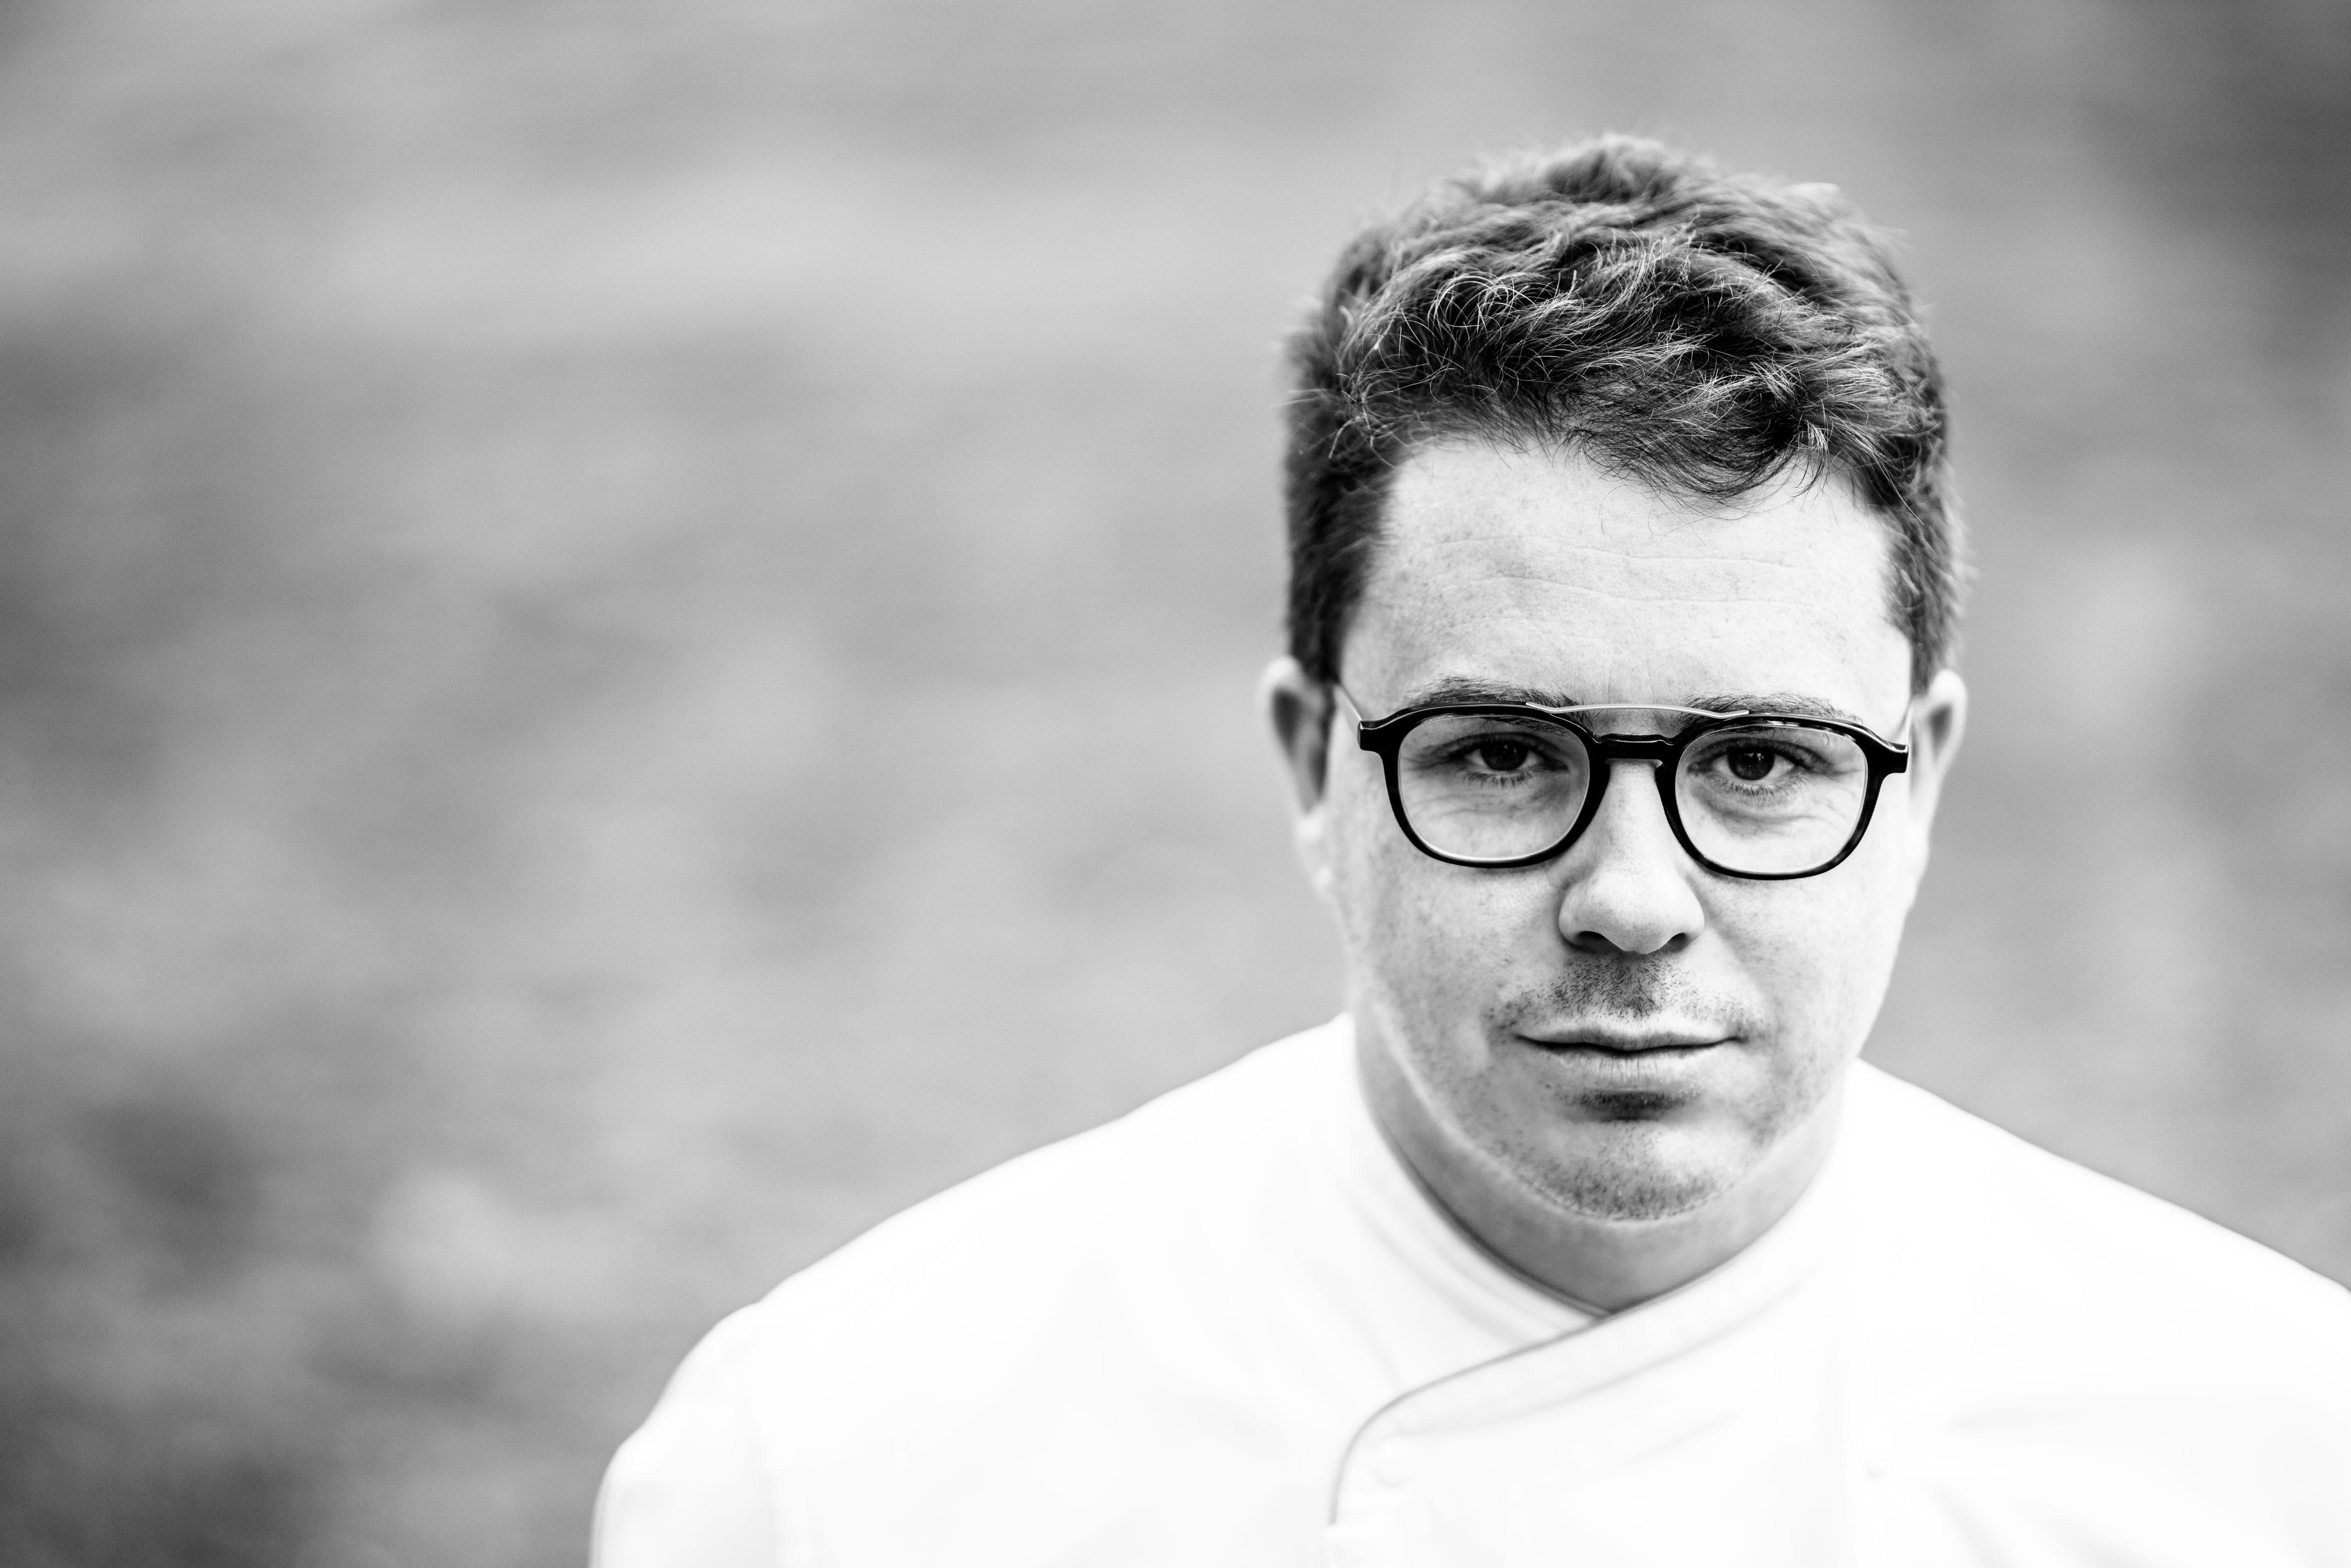 Nino Rossi, lo chef calabrese stellato e autodidatta ospite di Masterchef Italia 10